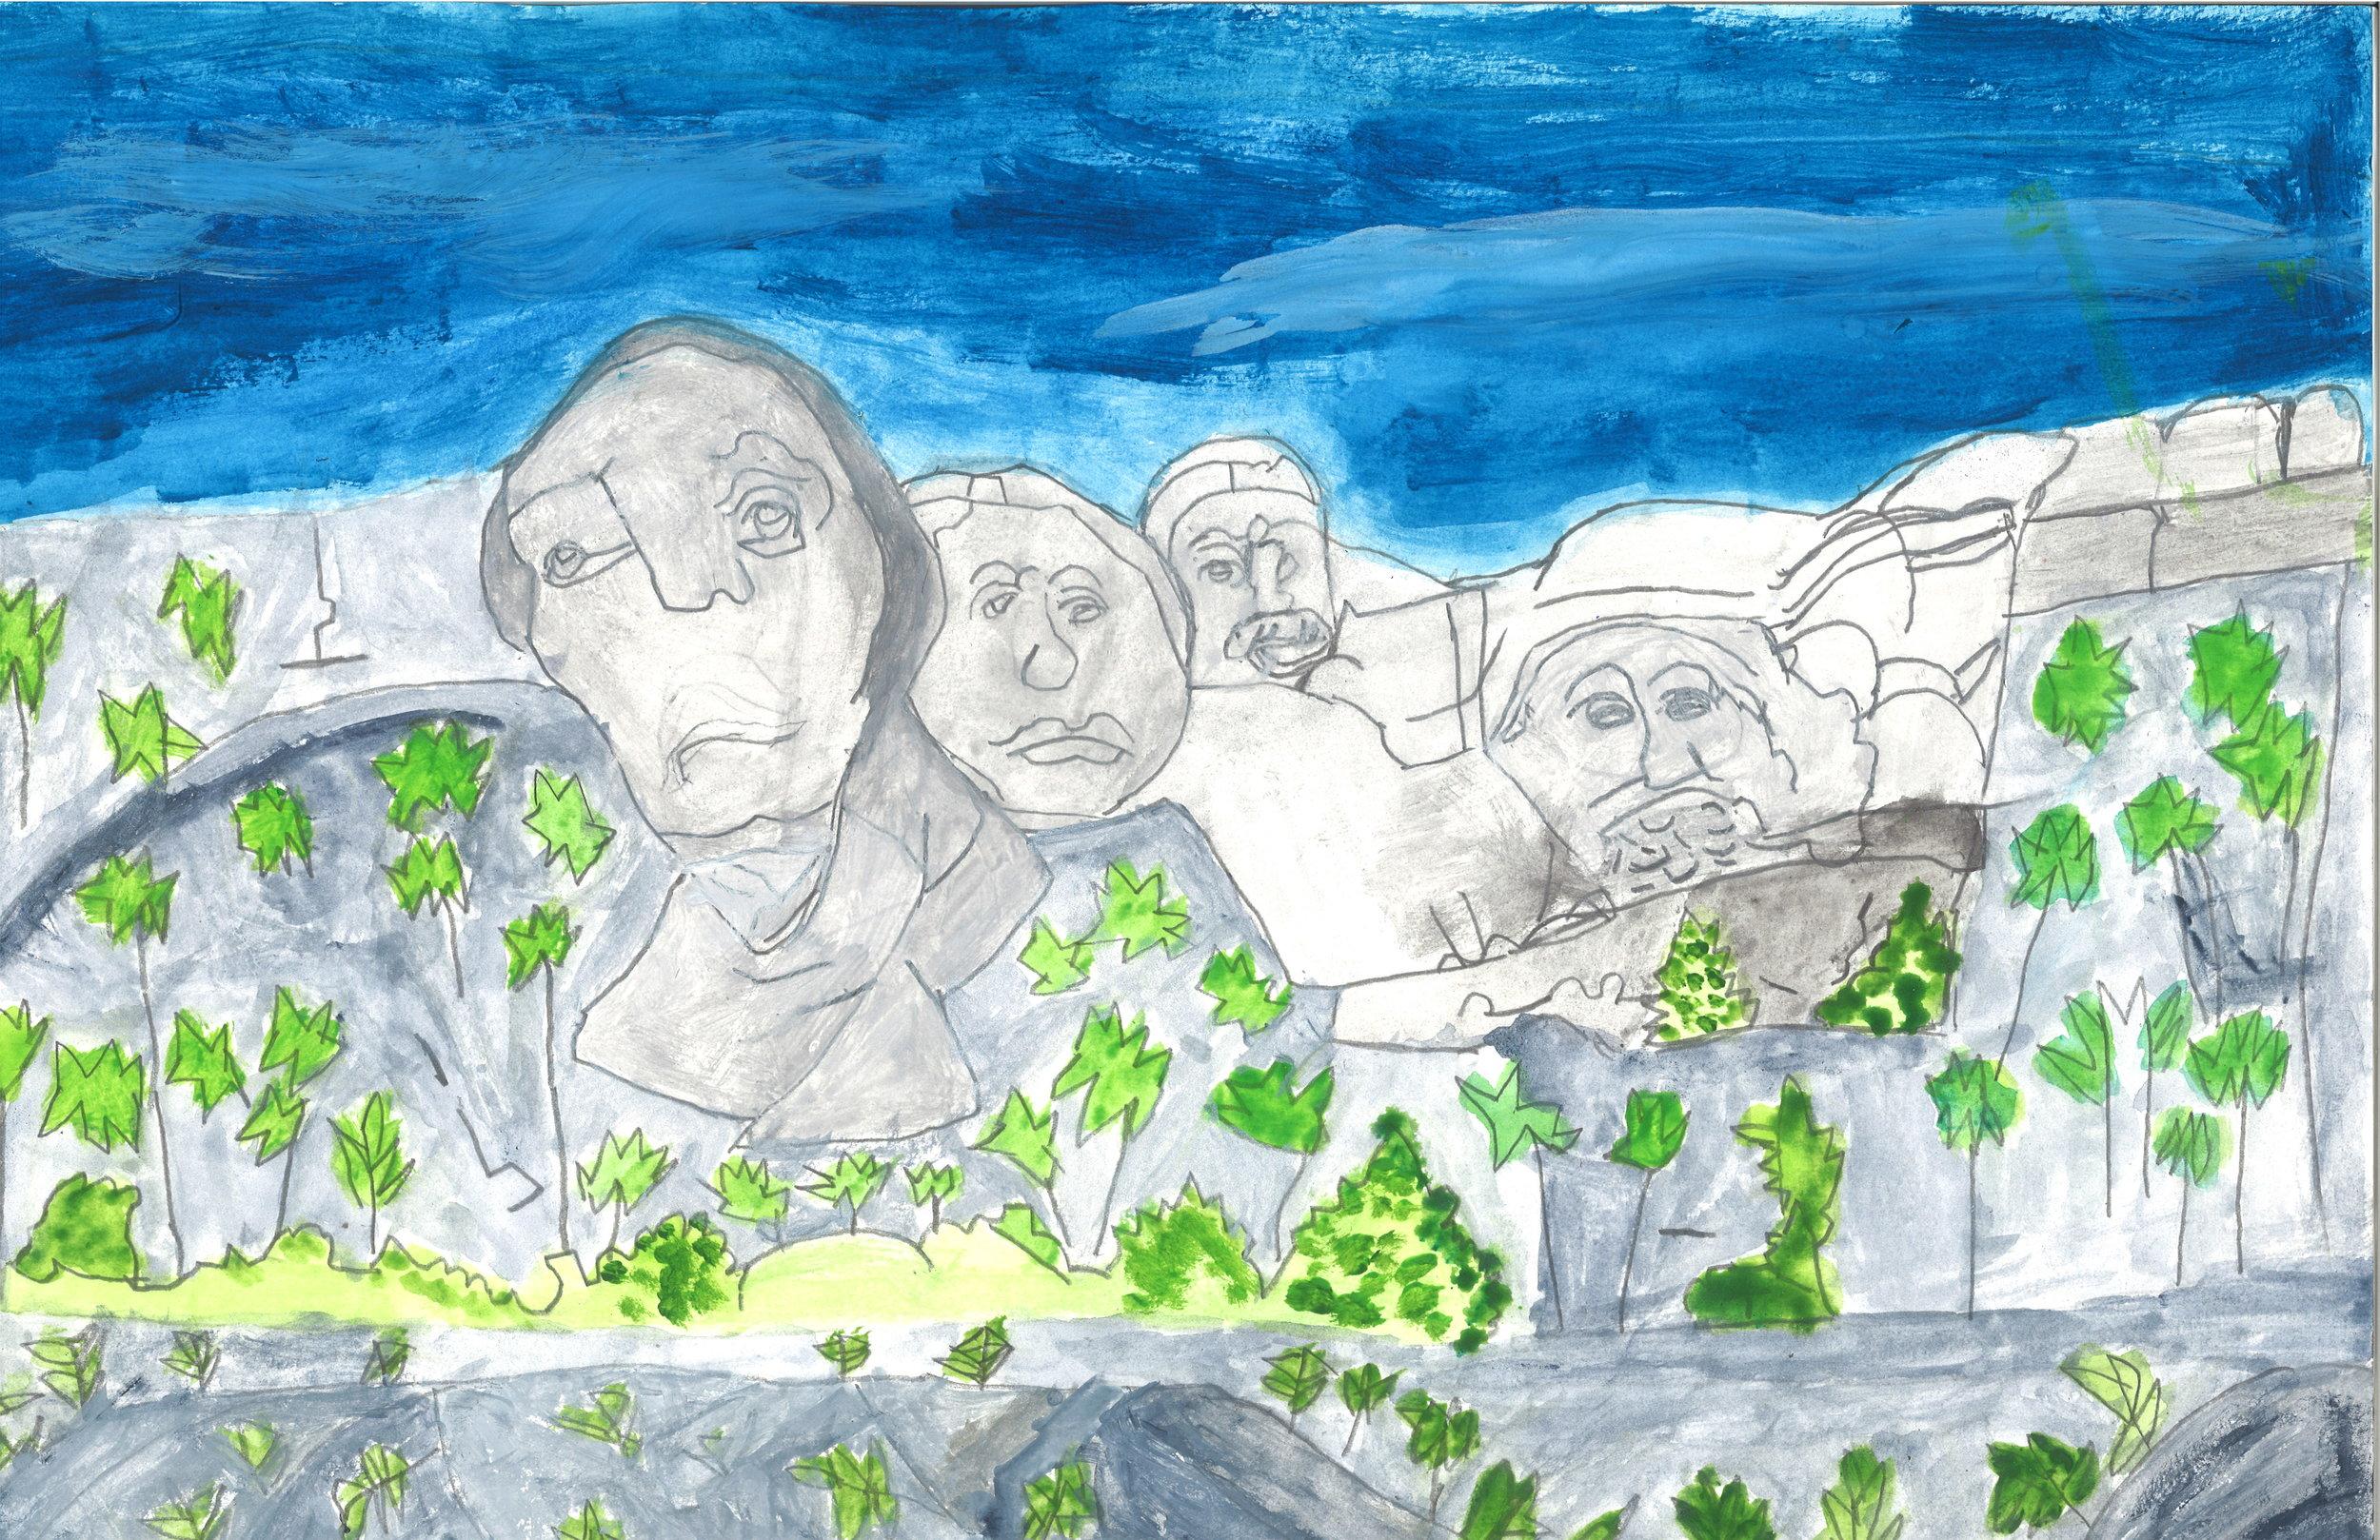 Rushmore - If Aged.jpg